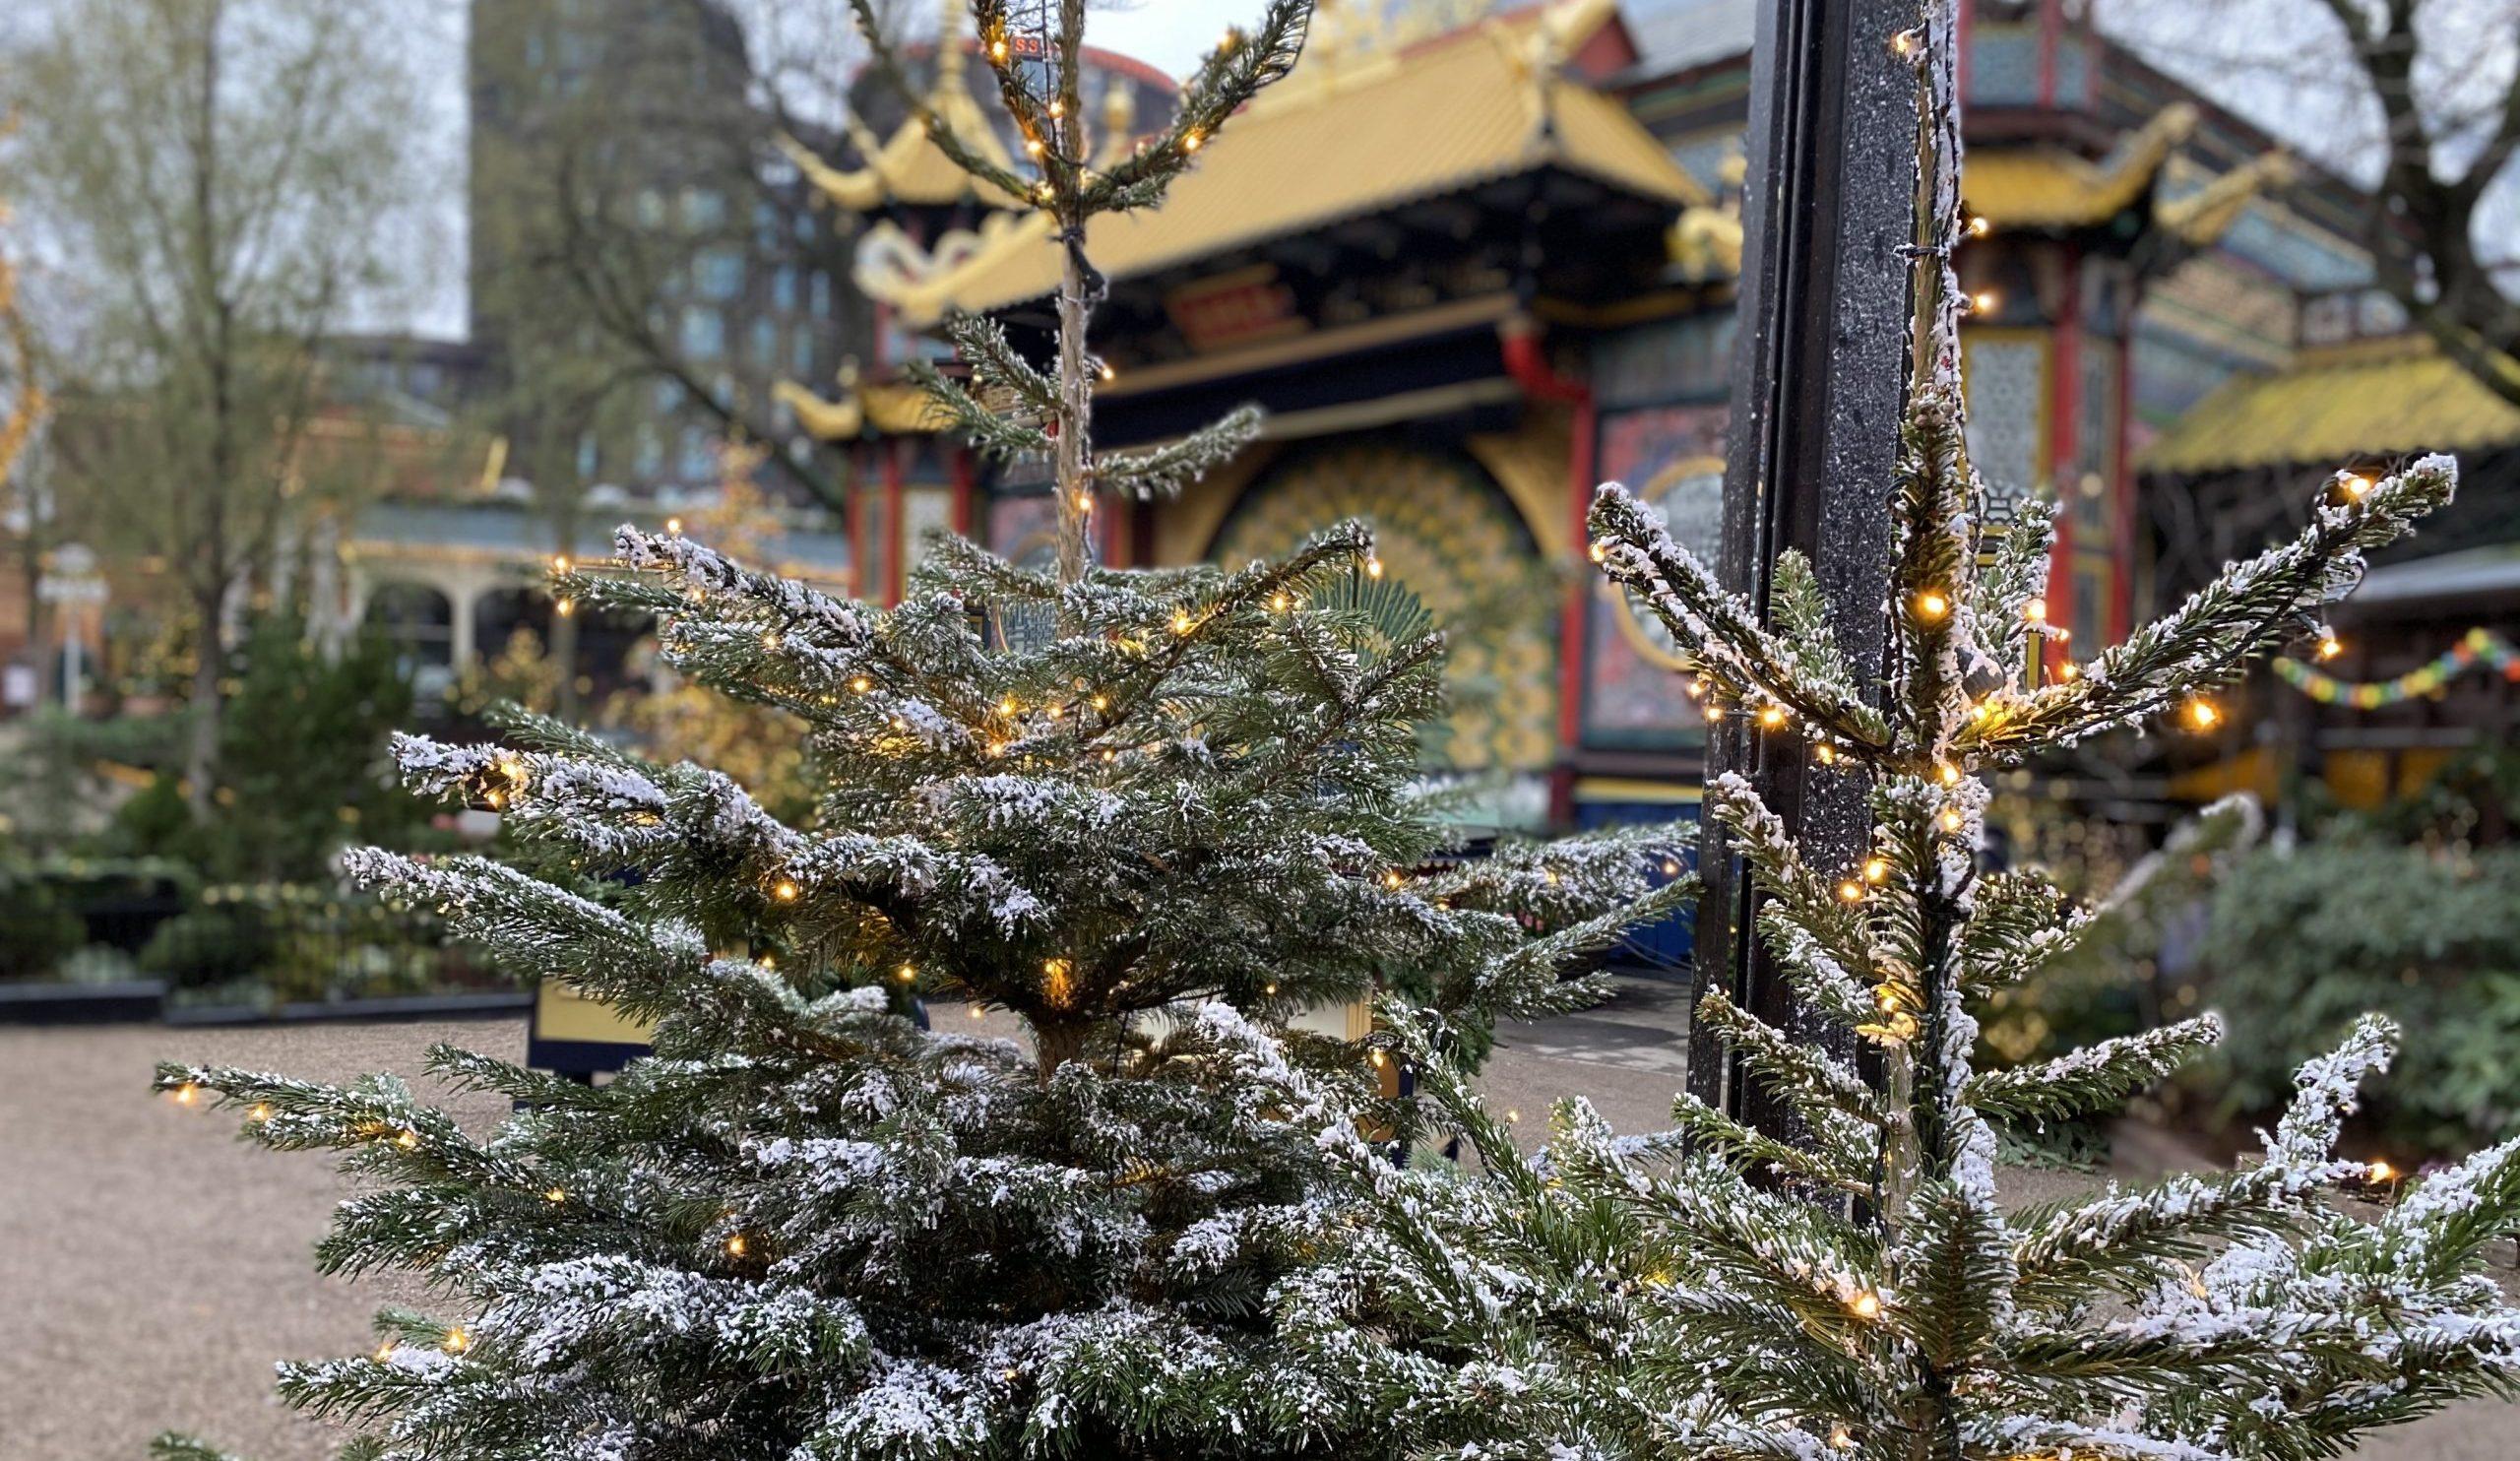 Nærmest alt er anderledes i årets juleperiode. Også i for eksempel Tivoli, der måtte lukke flere uger før planlagt på grund af restriktionerne. De over 1.000 juletræer i Tivoli blev givet til de syv faste COVID-19 testcentre i Region Hovedstaden. PR-foto: Tivoli.